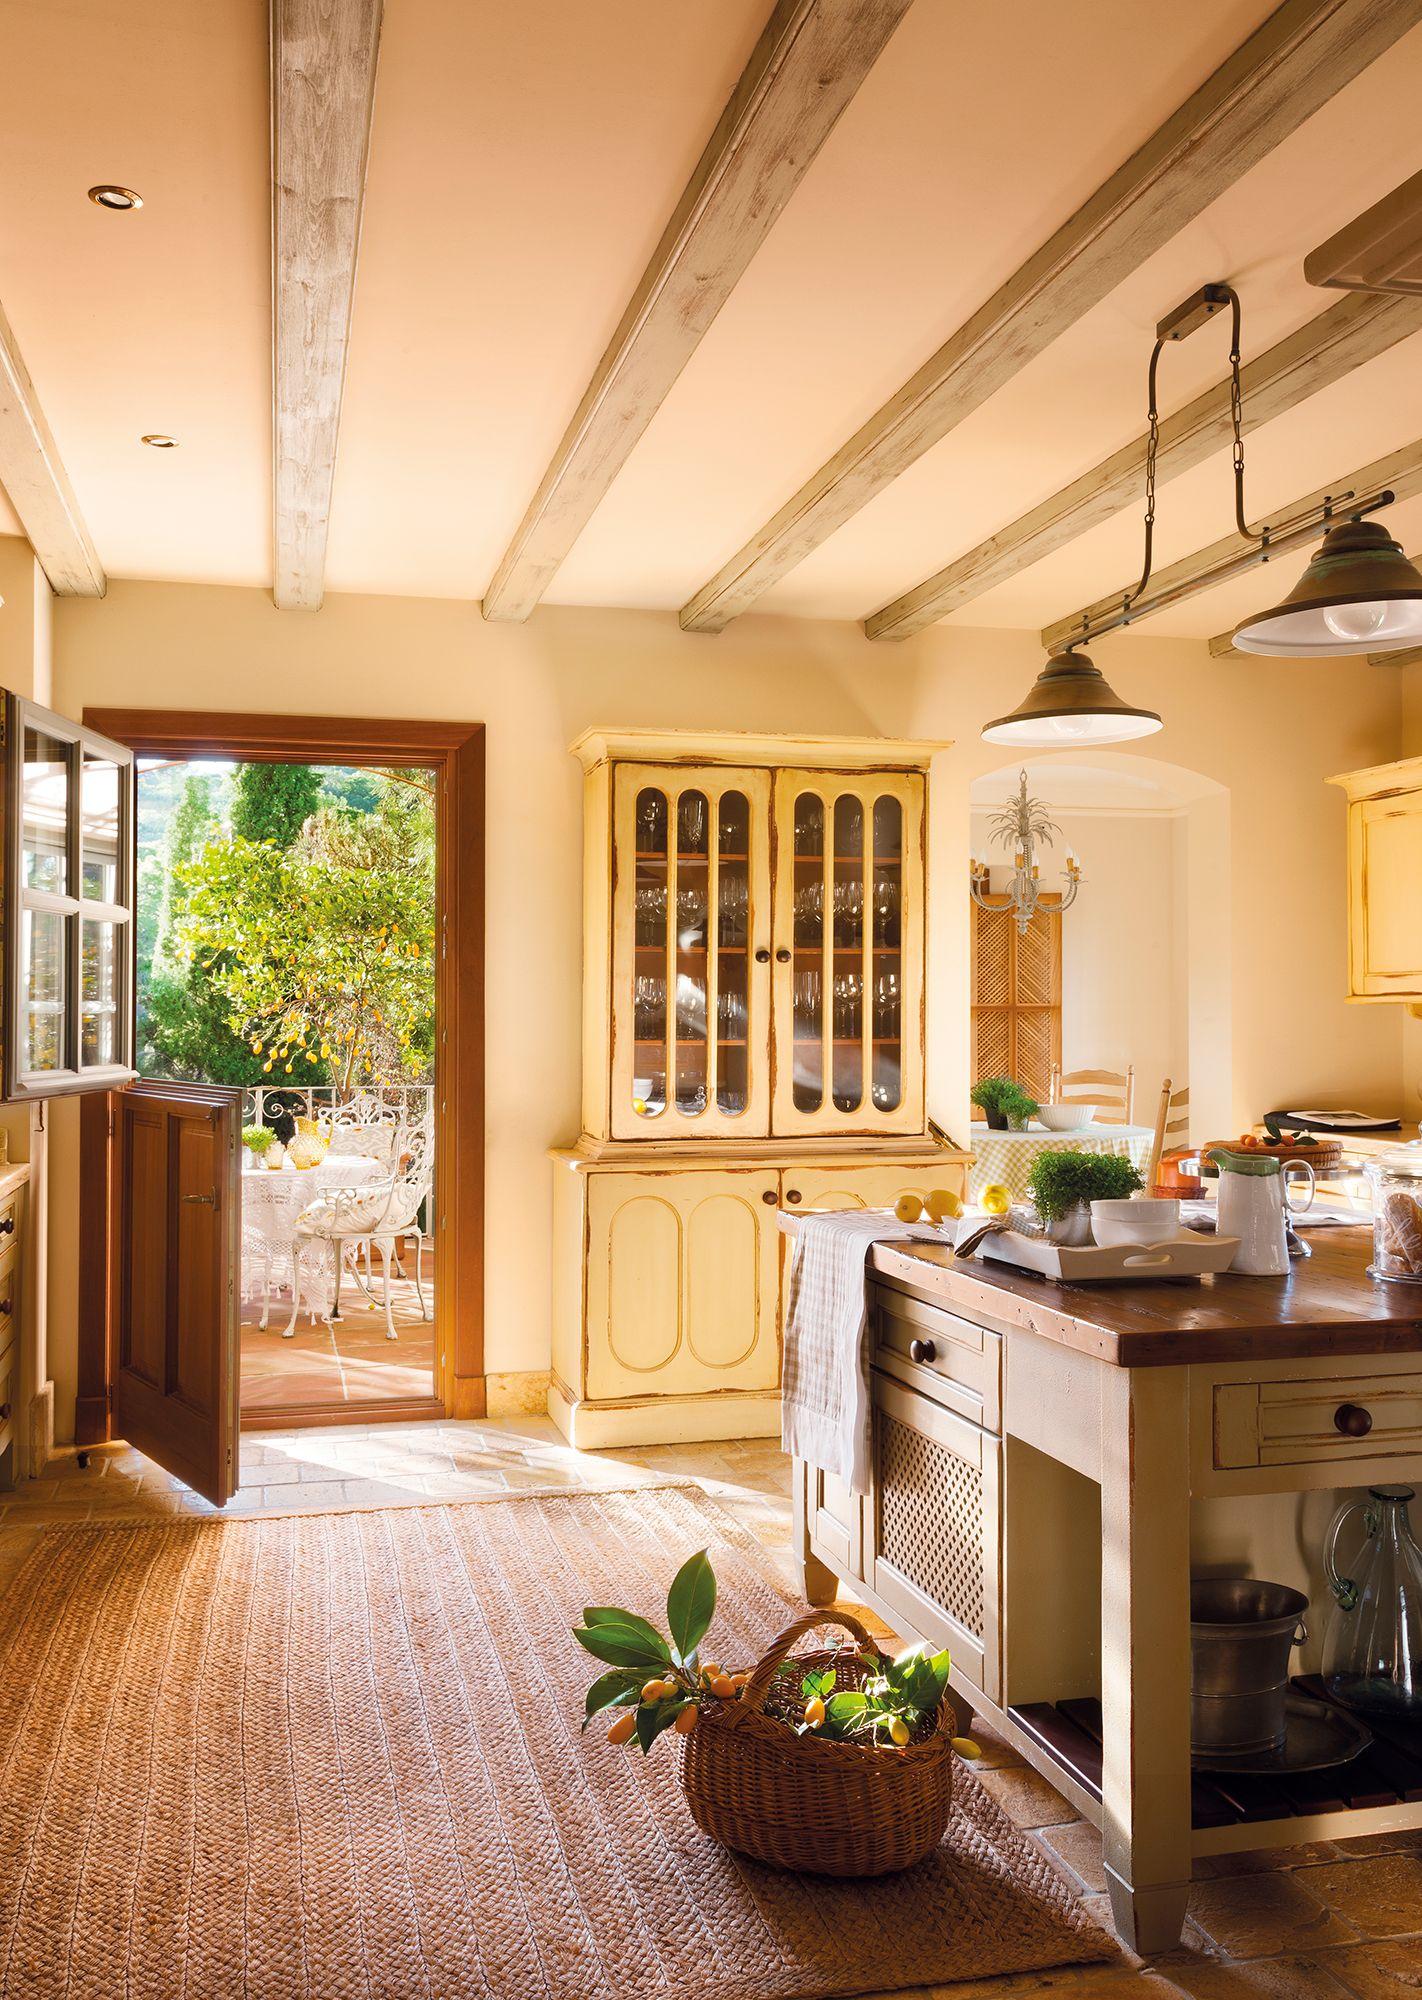 Cocina campestre con alacena amarilla y vistas al exterior 00381512b 17a9cb2ecbae